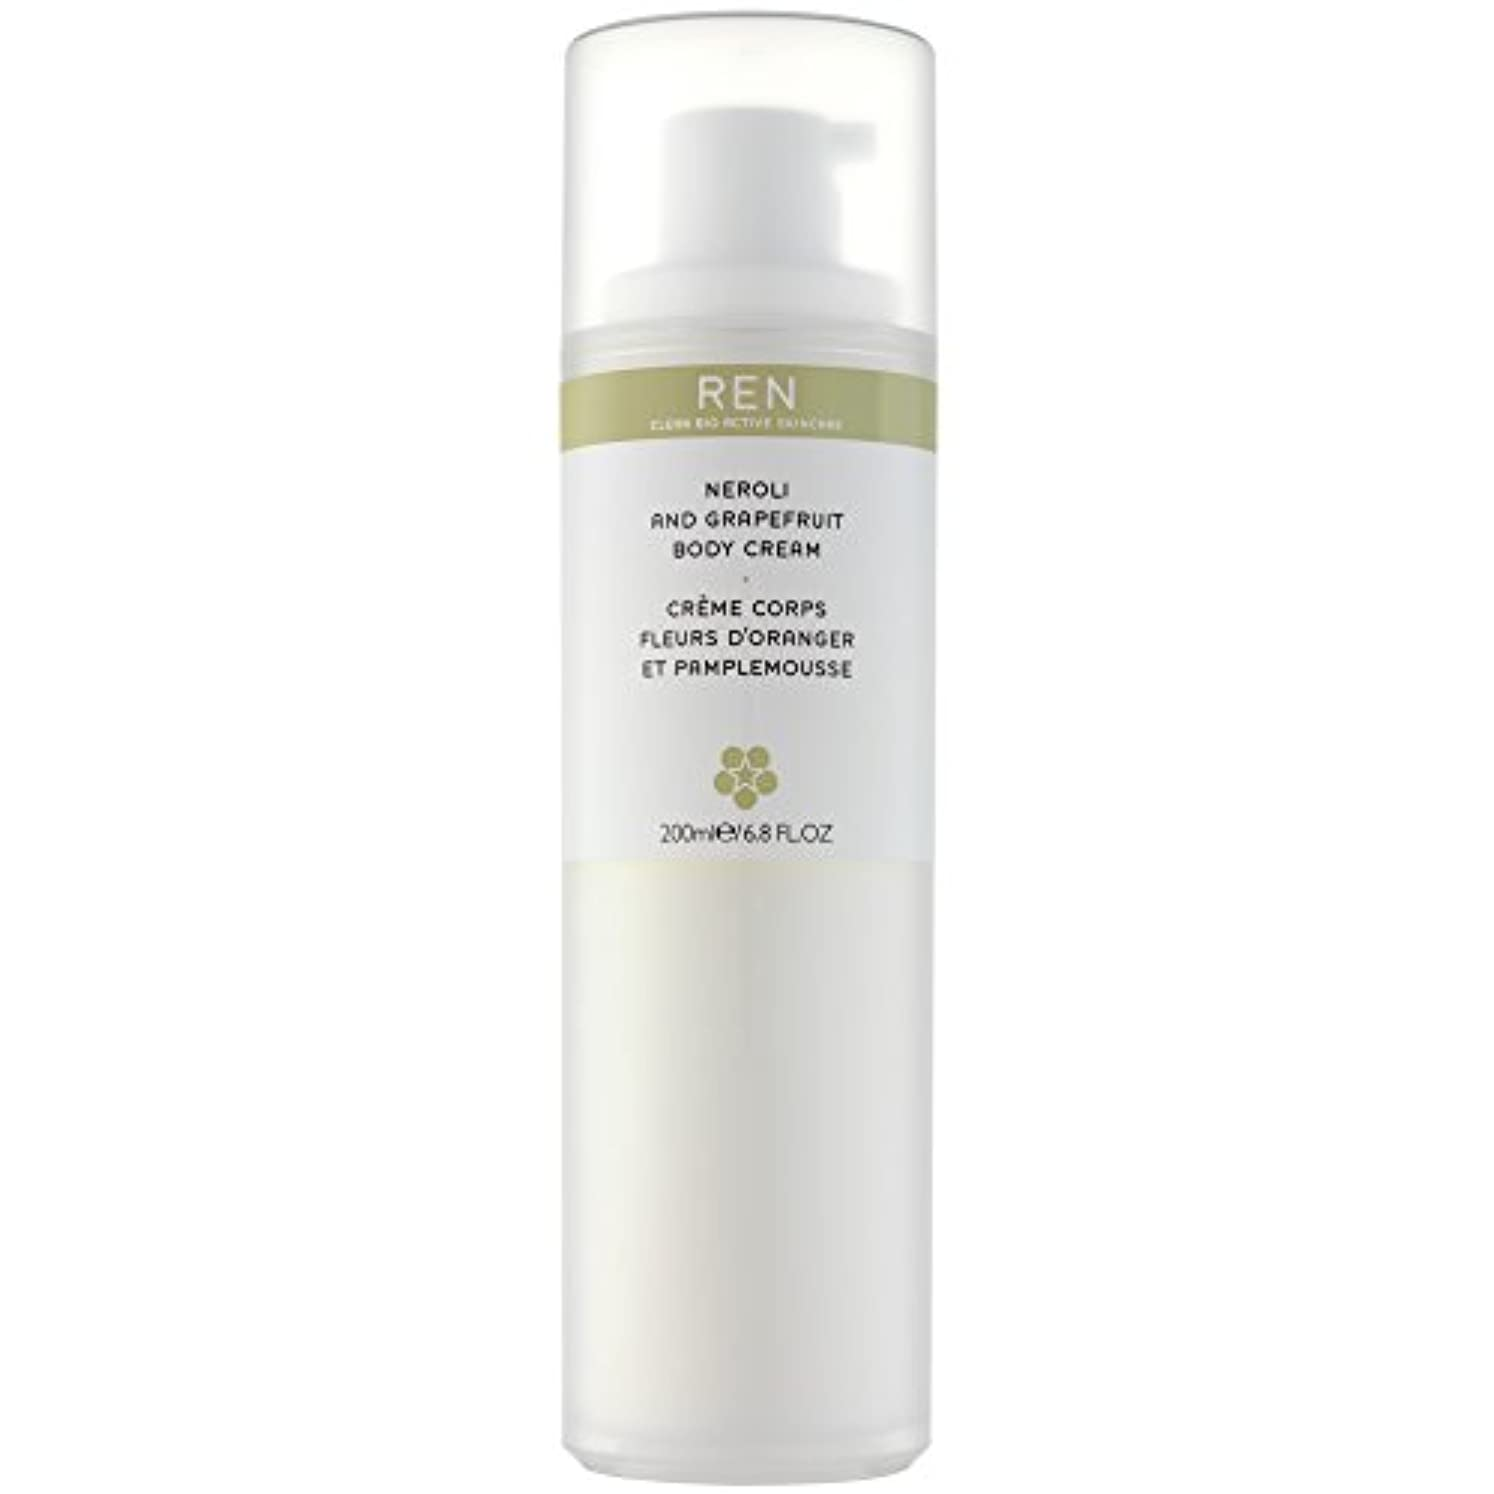 ピューアトラスタンクRenネロリとグレープフルーツボディクリーム200ミリリットル (REN) (x2) - REN Neroli and Grapefruit Body Cream 200ml (Pack of 2) [並行輸入品]